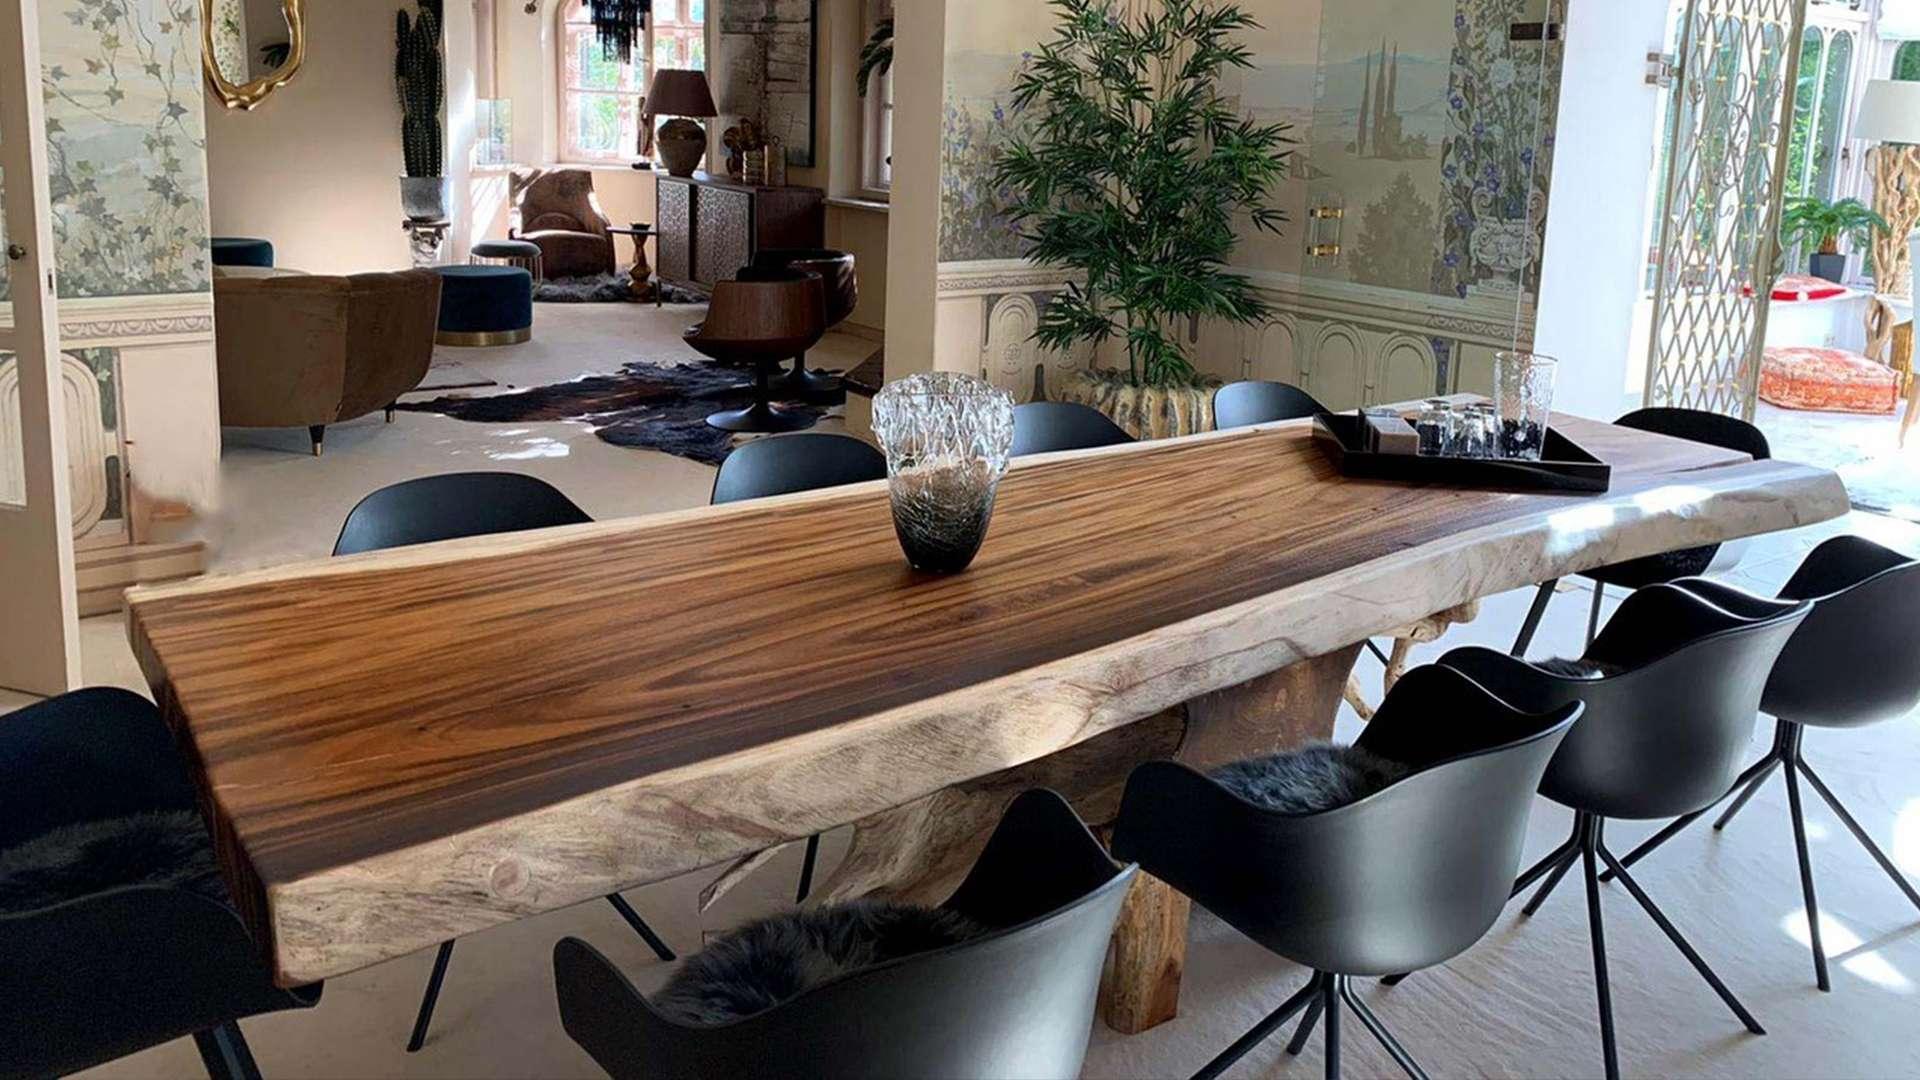 großer Picassi Esstisch in einer mediterranen Wohnungseinrichtung